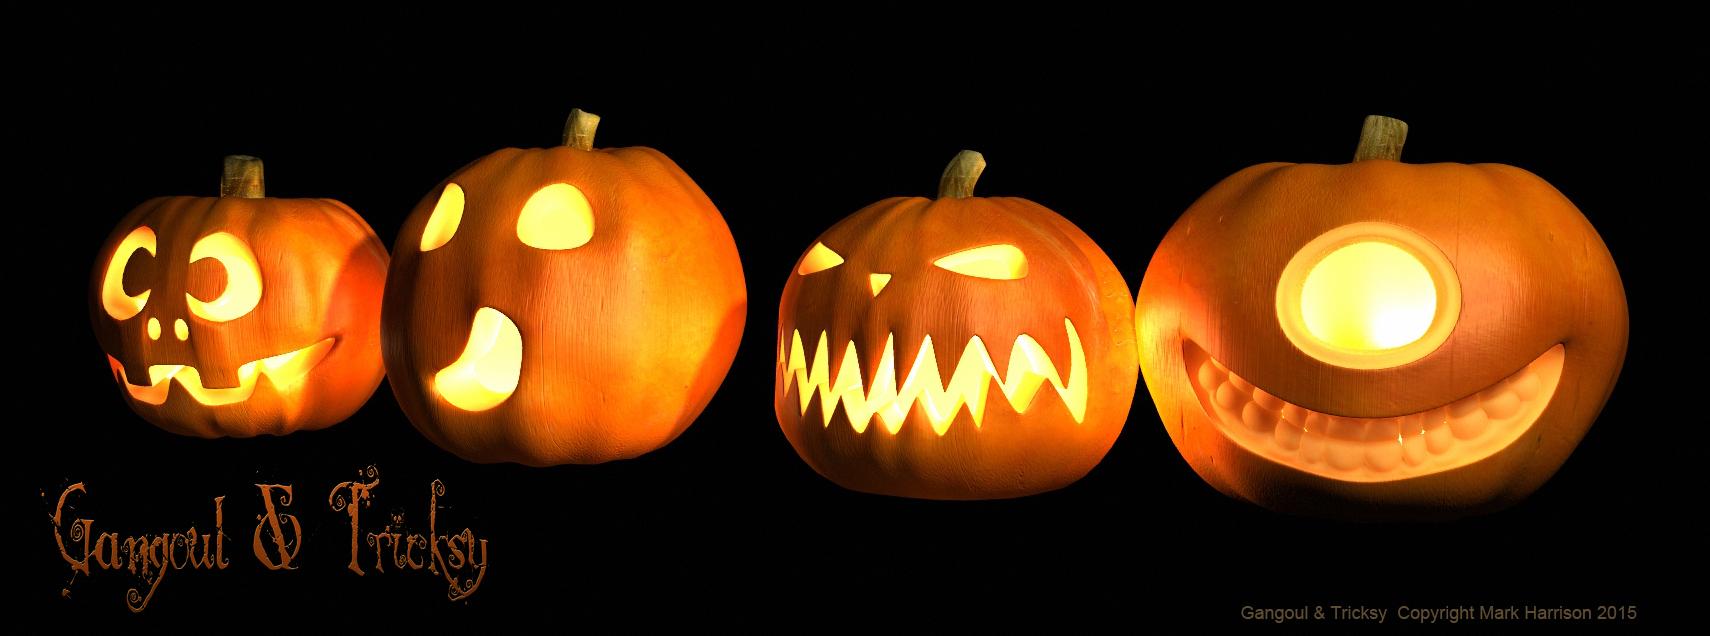 Pumpkin_Brigade_v02.jpg